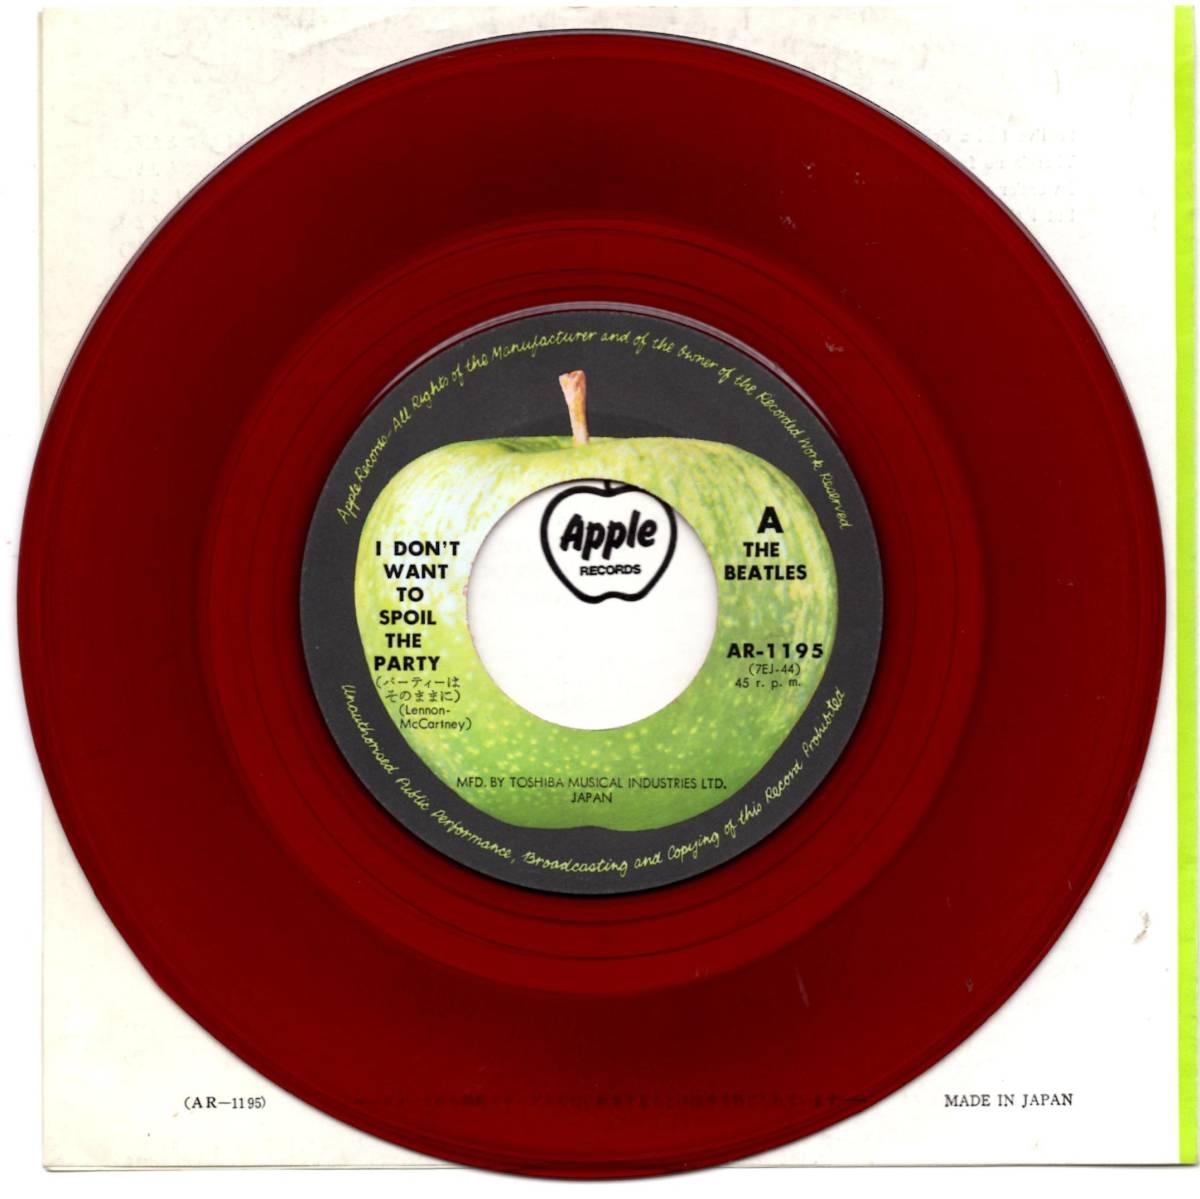 貴重 アップル 赤盤 / ビートルズ / パーティーはそのままに / 音工 AR-1195 / EP シングル BEATLES _画像3